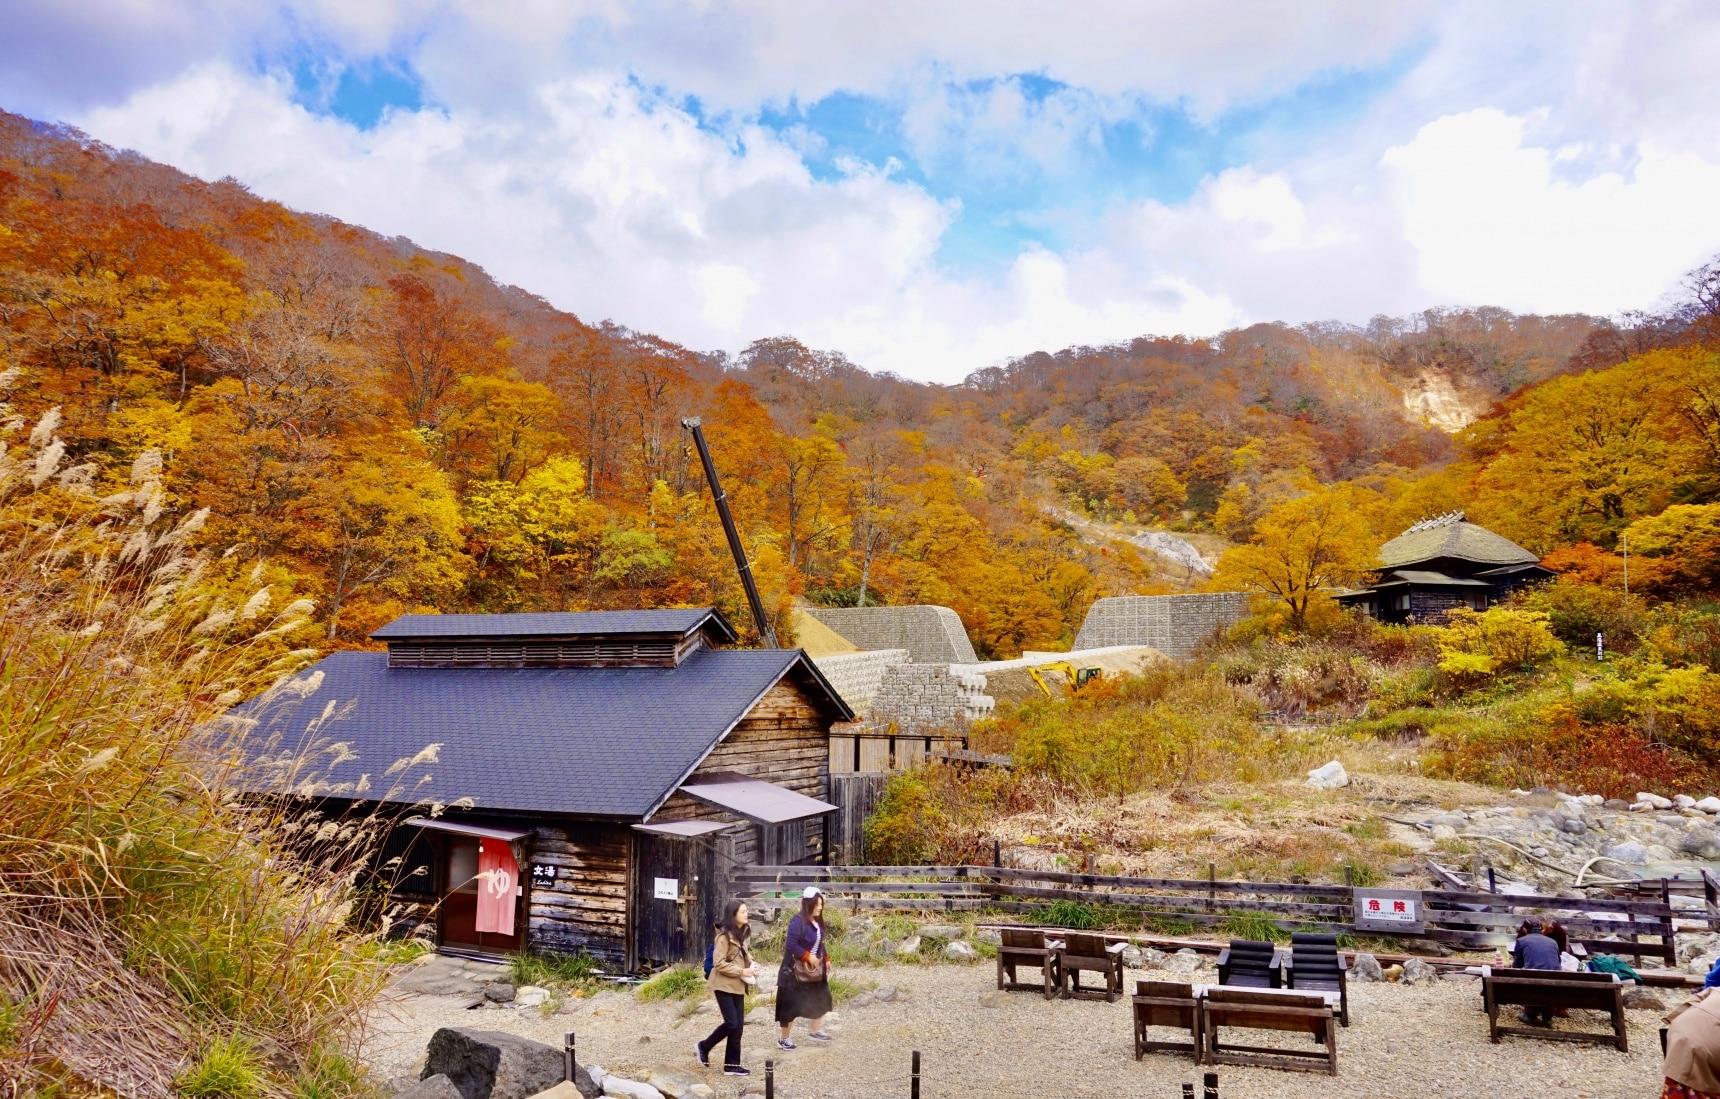 美食美景還有美人湯 秋田賞楓秘境「黑湯溫泉」半日遊